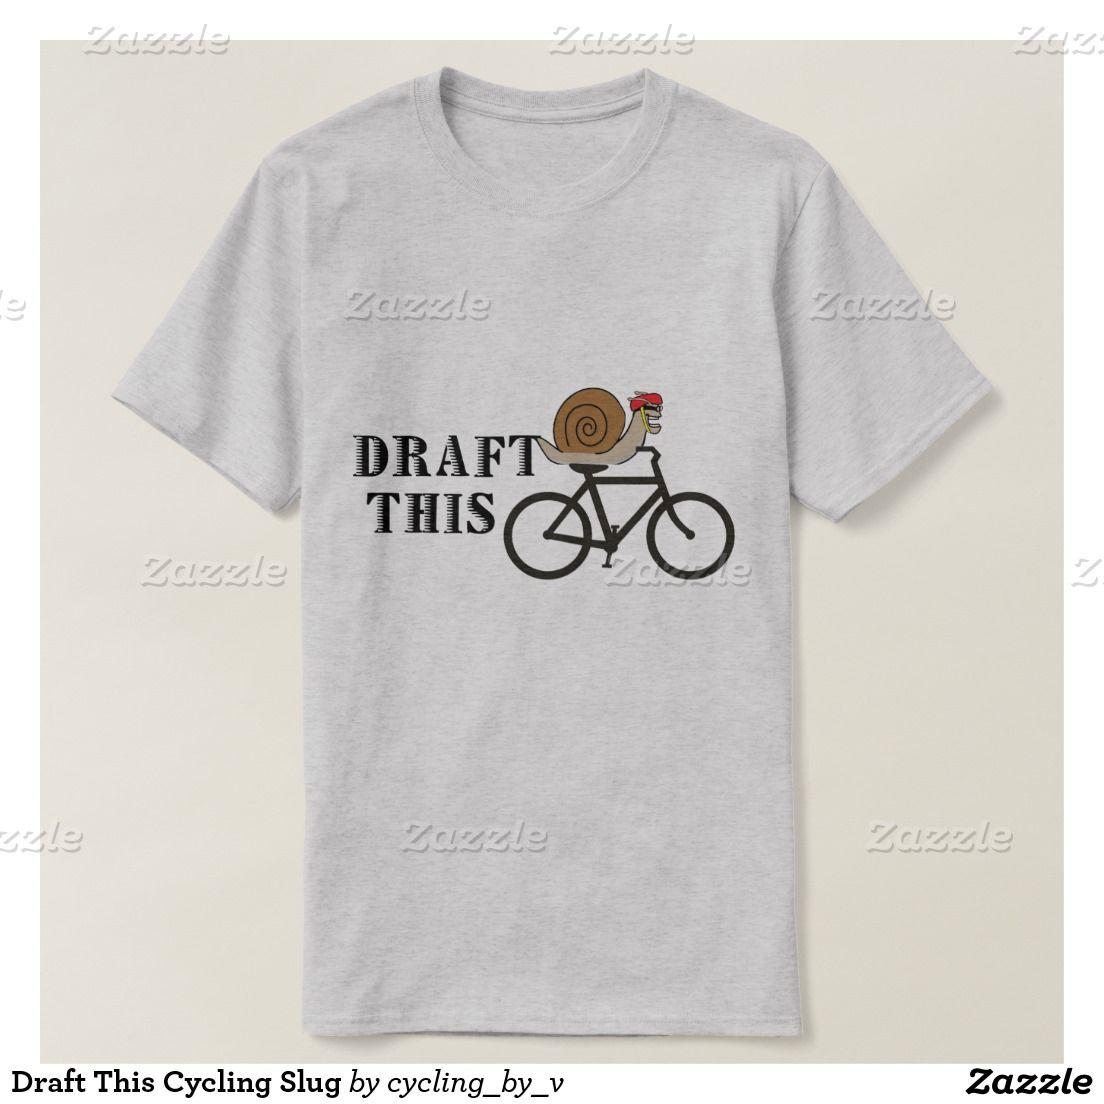 Draft This Cycling Slug T-shirt